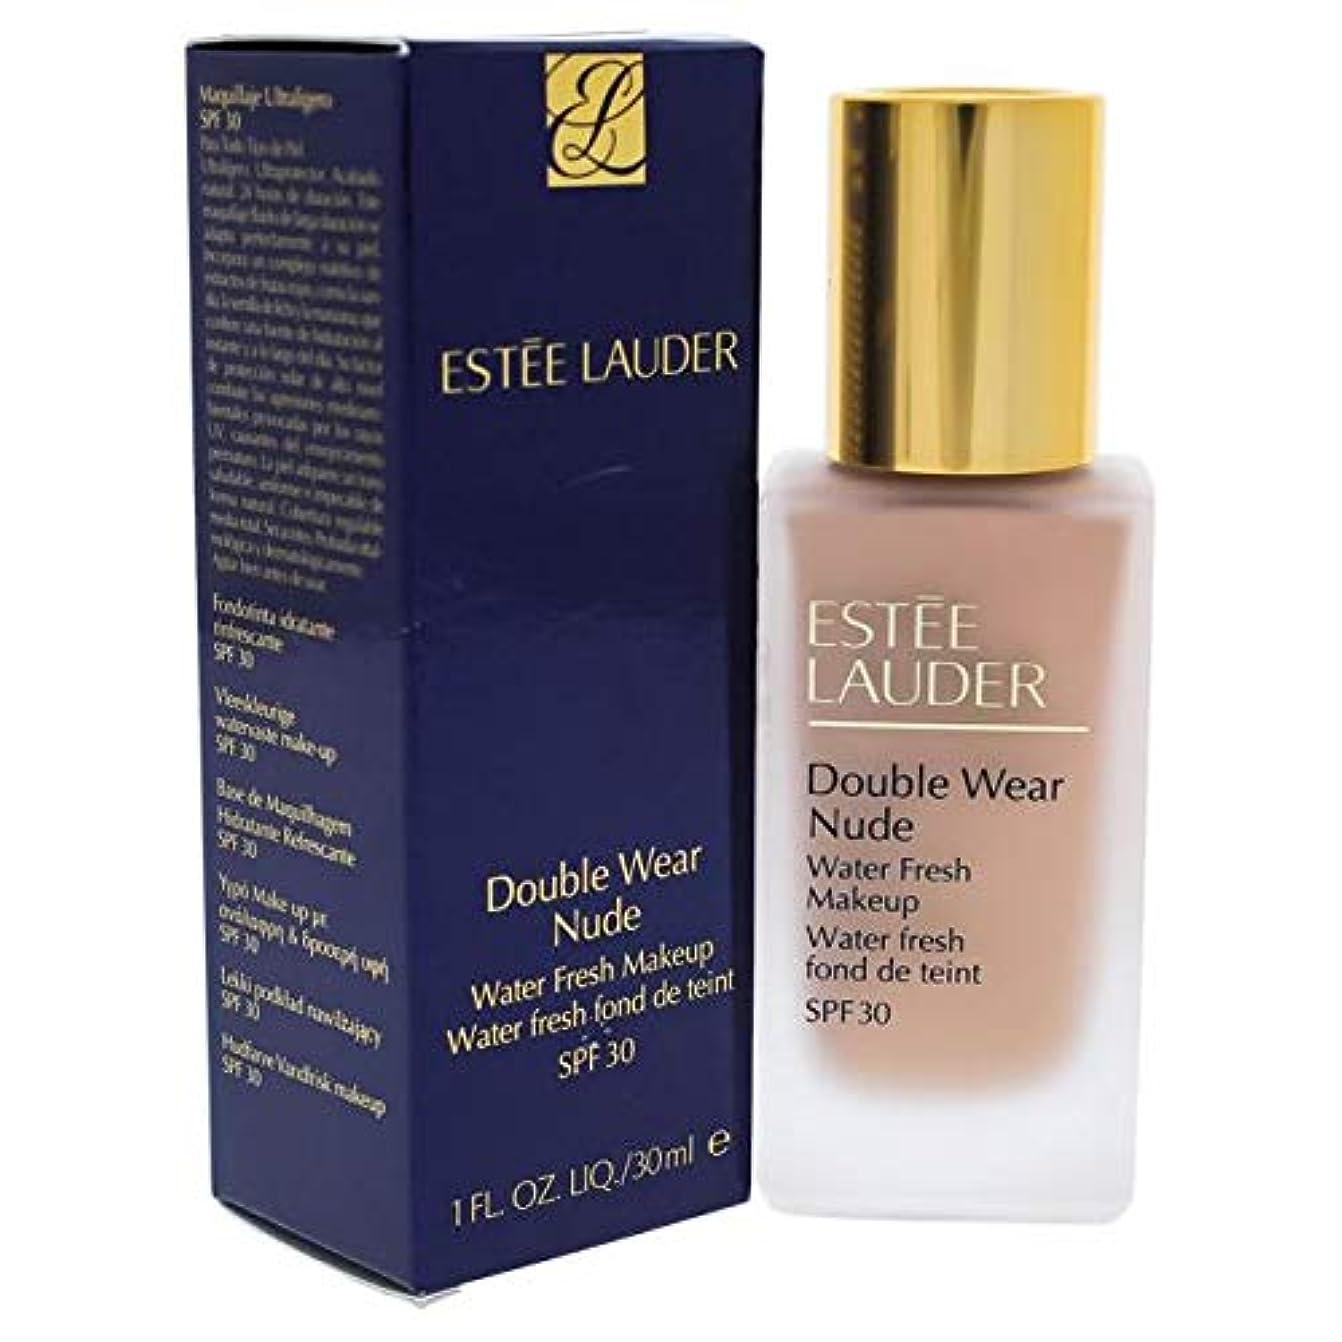 ほぼさせる縁エスティローダー Double Wear Nude Water Fresh Makeup SPF 30 - # 2C2 Pale Almond 30ml/1oz並行輸入品